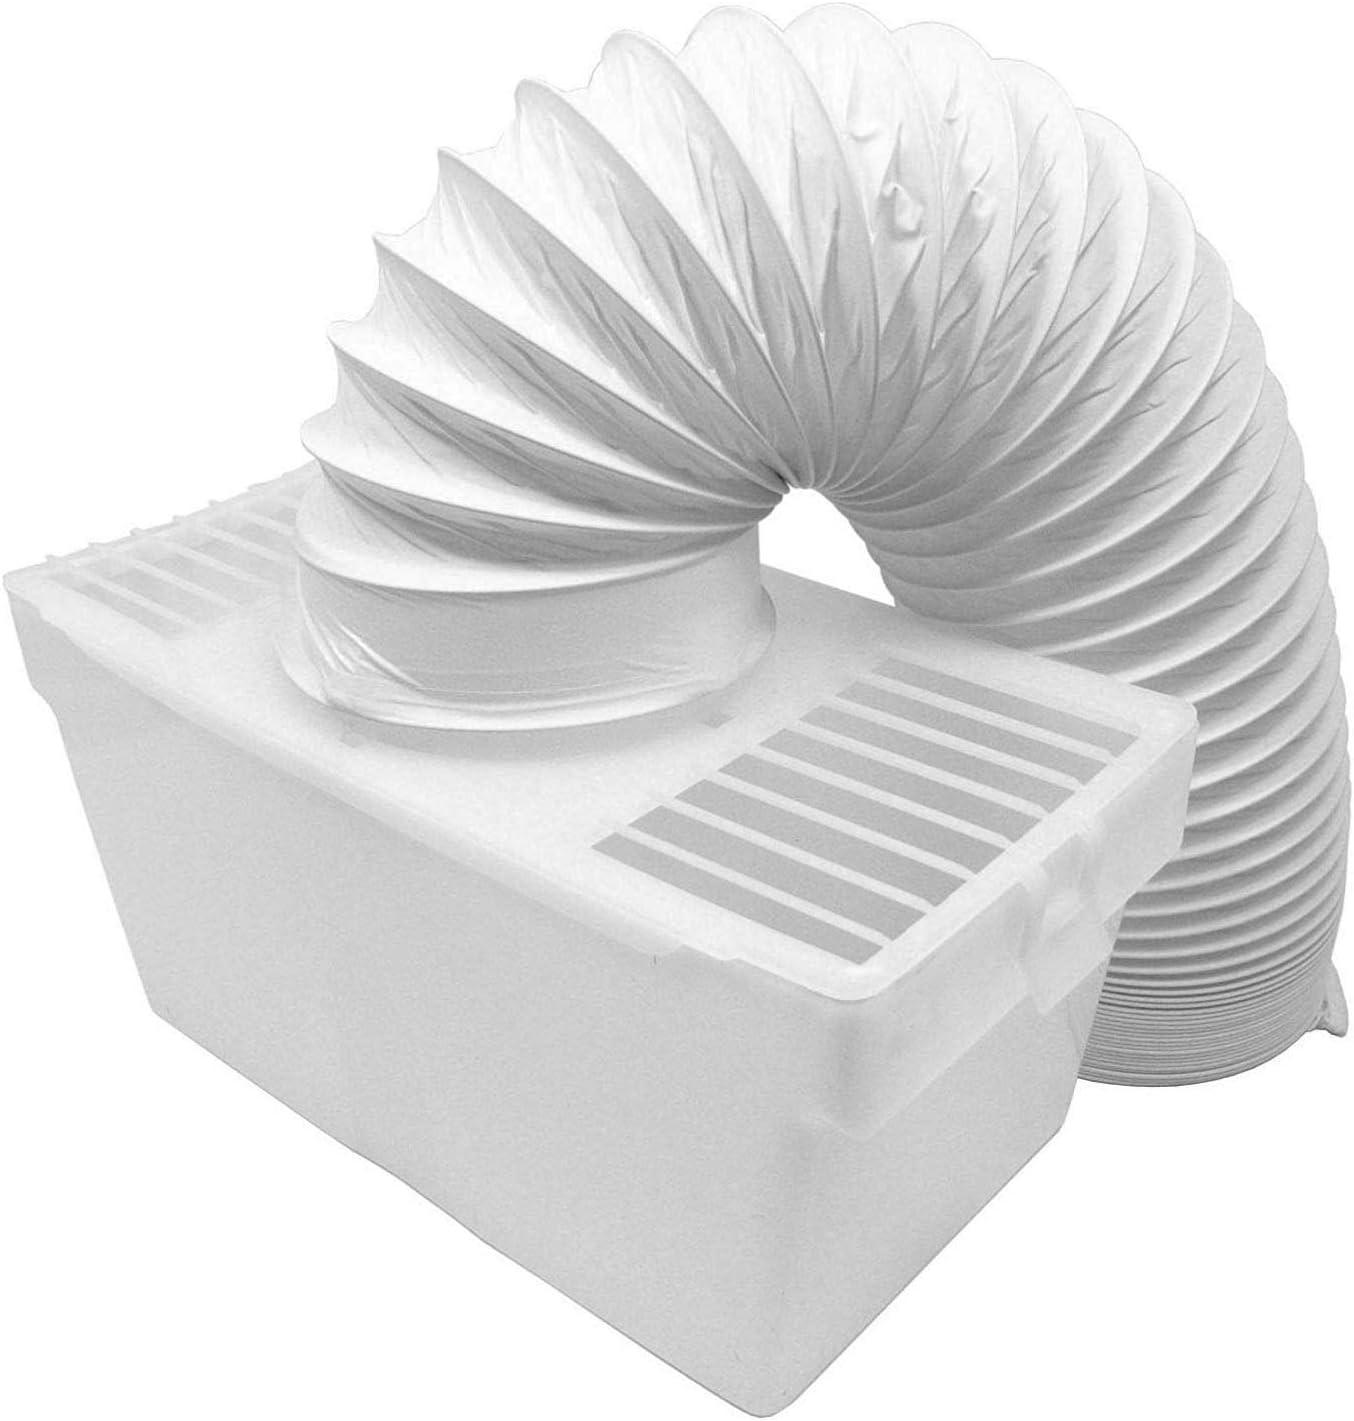 Find A - Manguera de ventilación de Condensador Universal de Repuesto para Secadora y Kit de Caja de 1,20 m